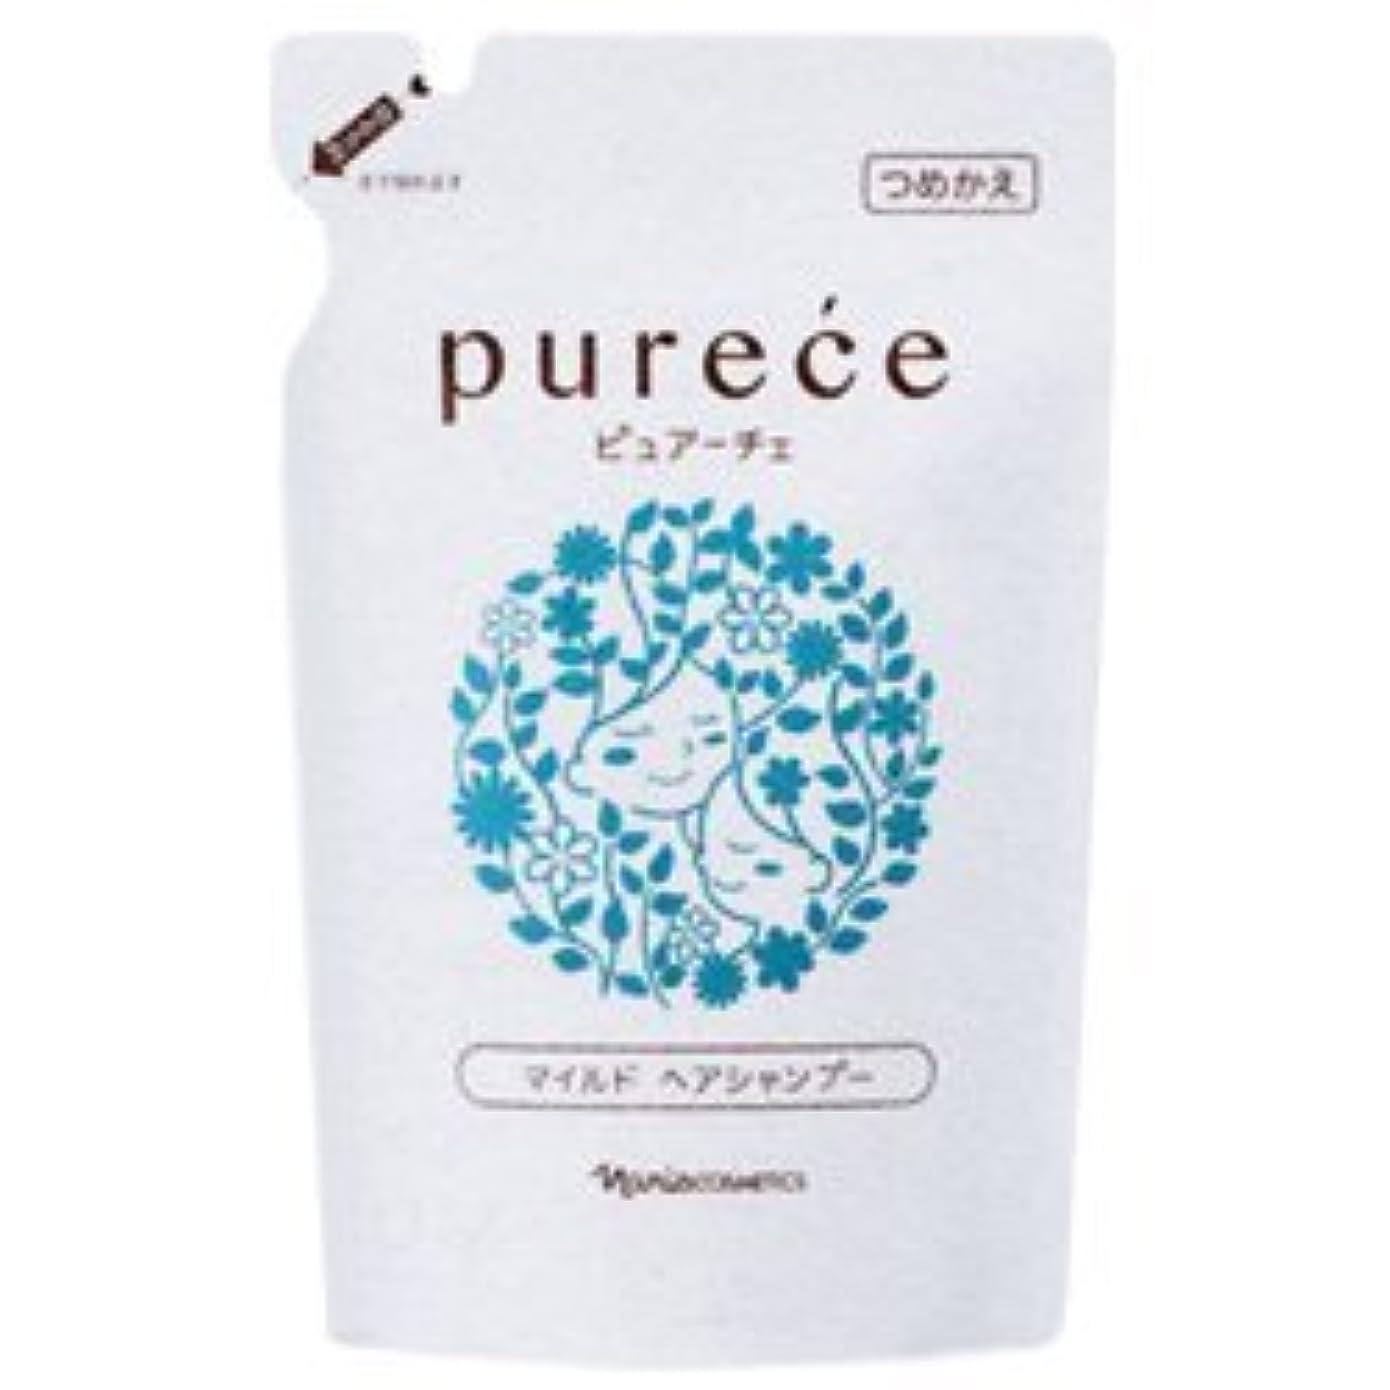 欠伸寛大さしないでくださいナリス化粧品 ピュアーチェ(PURECE) マイルドヘアシャンプーLS カエ 450ml [レフィル]